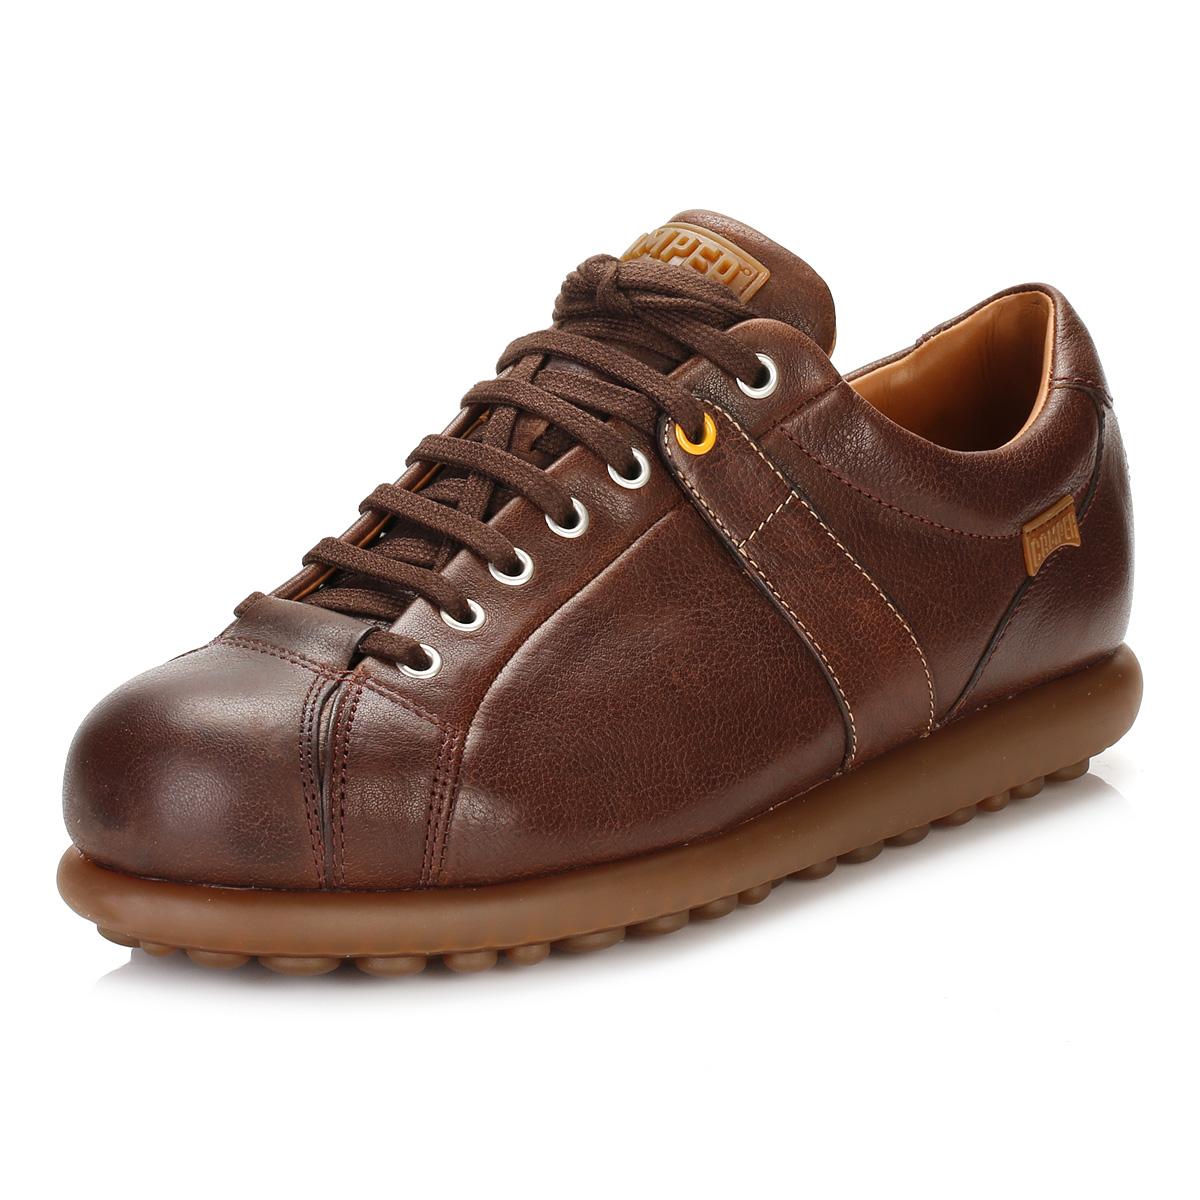 Mens Camper Shoes Australia